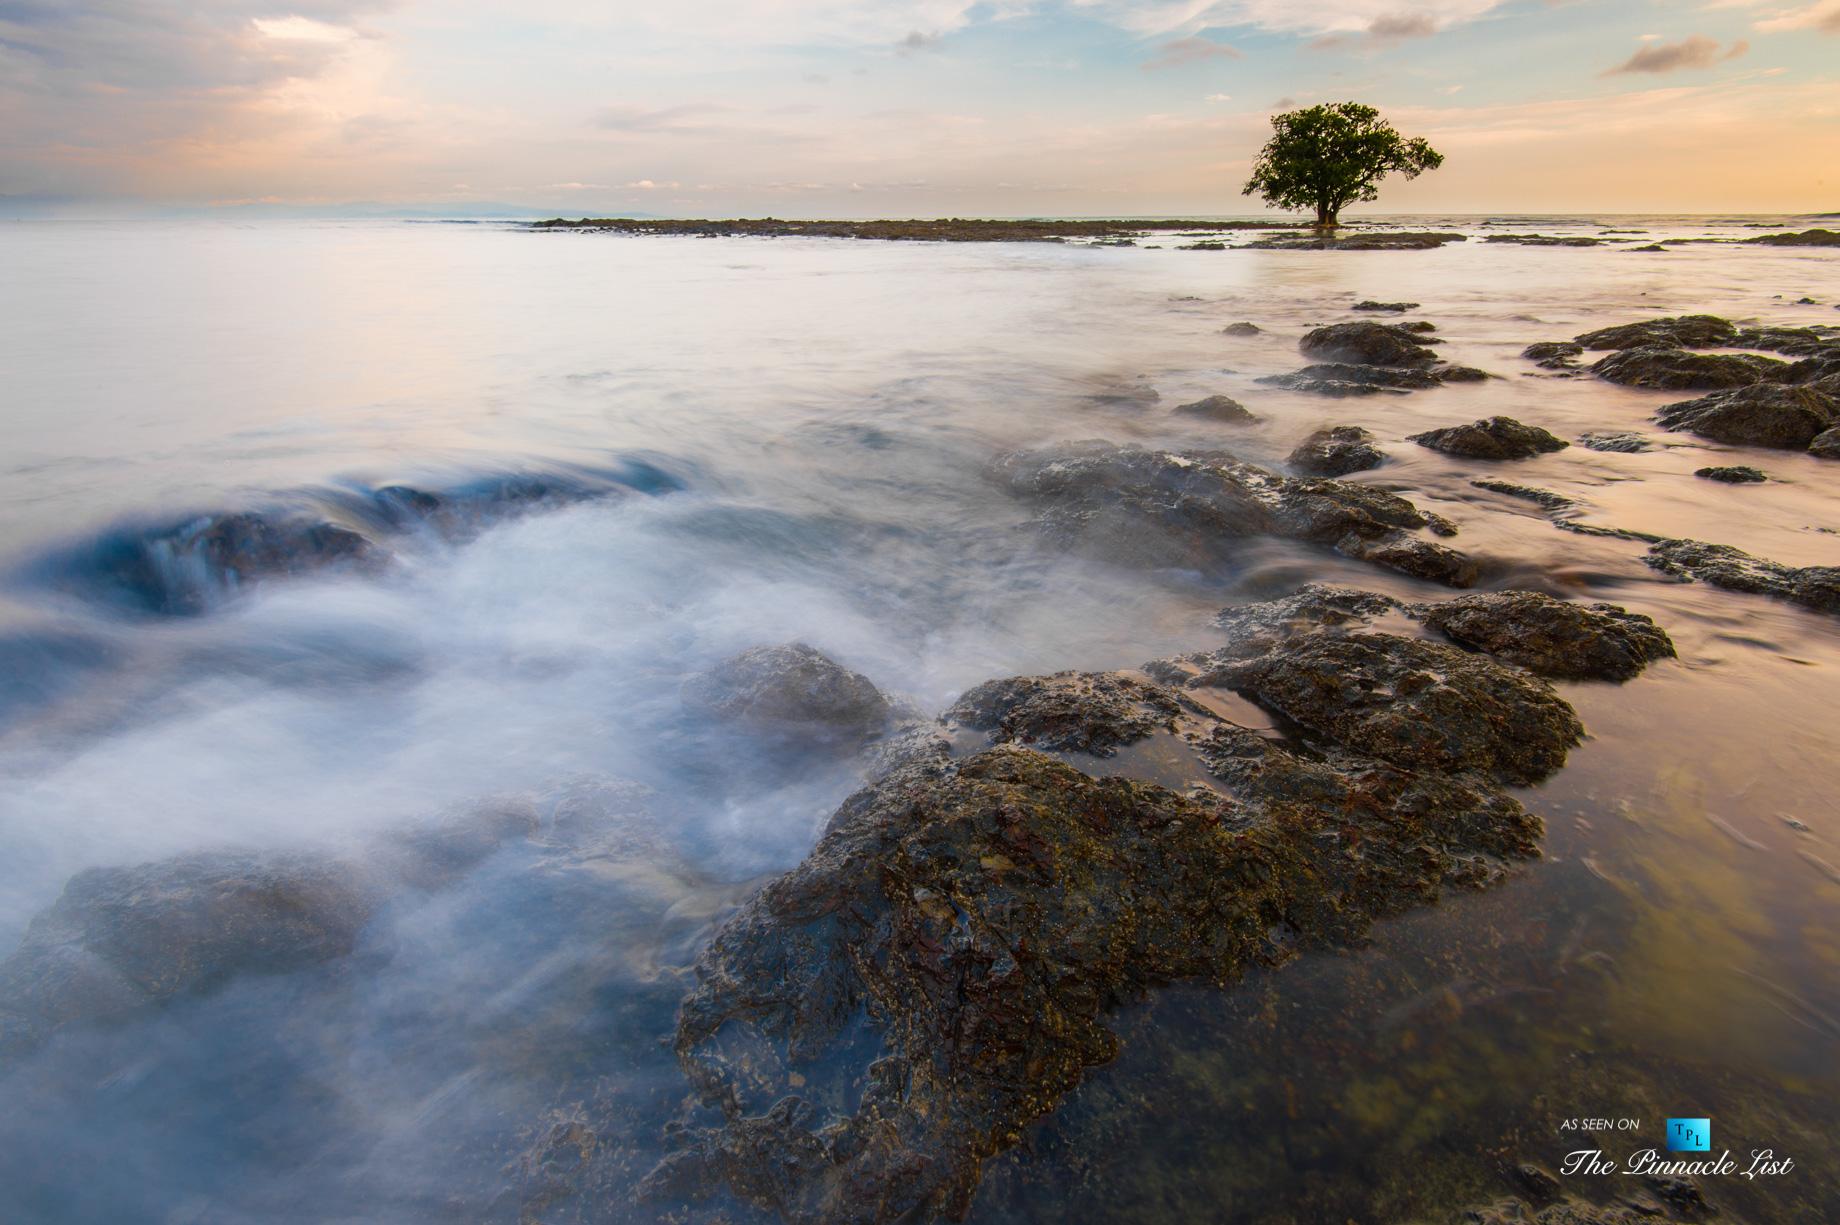 Tambor Tropical Beach Resort - Tambor, Puntarenas, Costa Rica - Surreal Tropical Ocean View